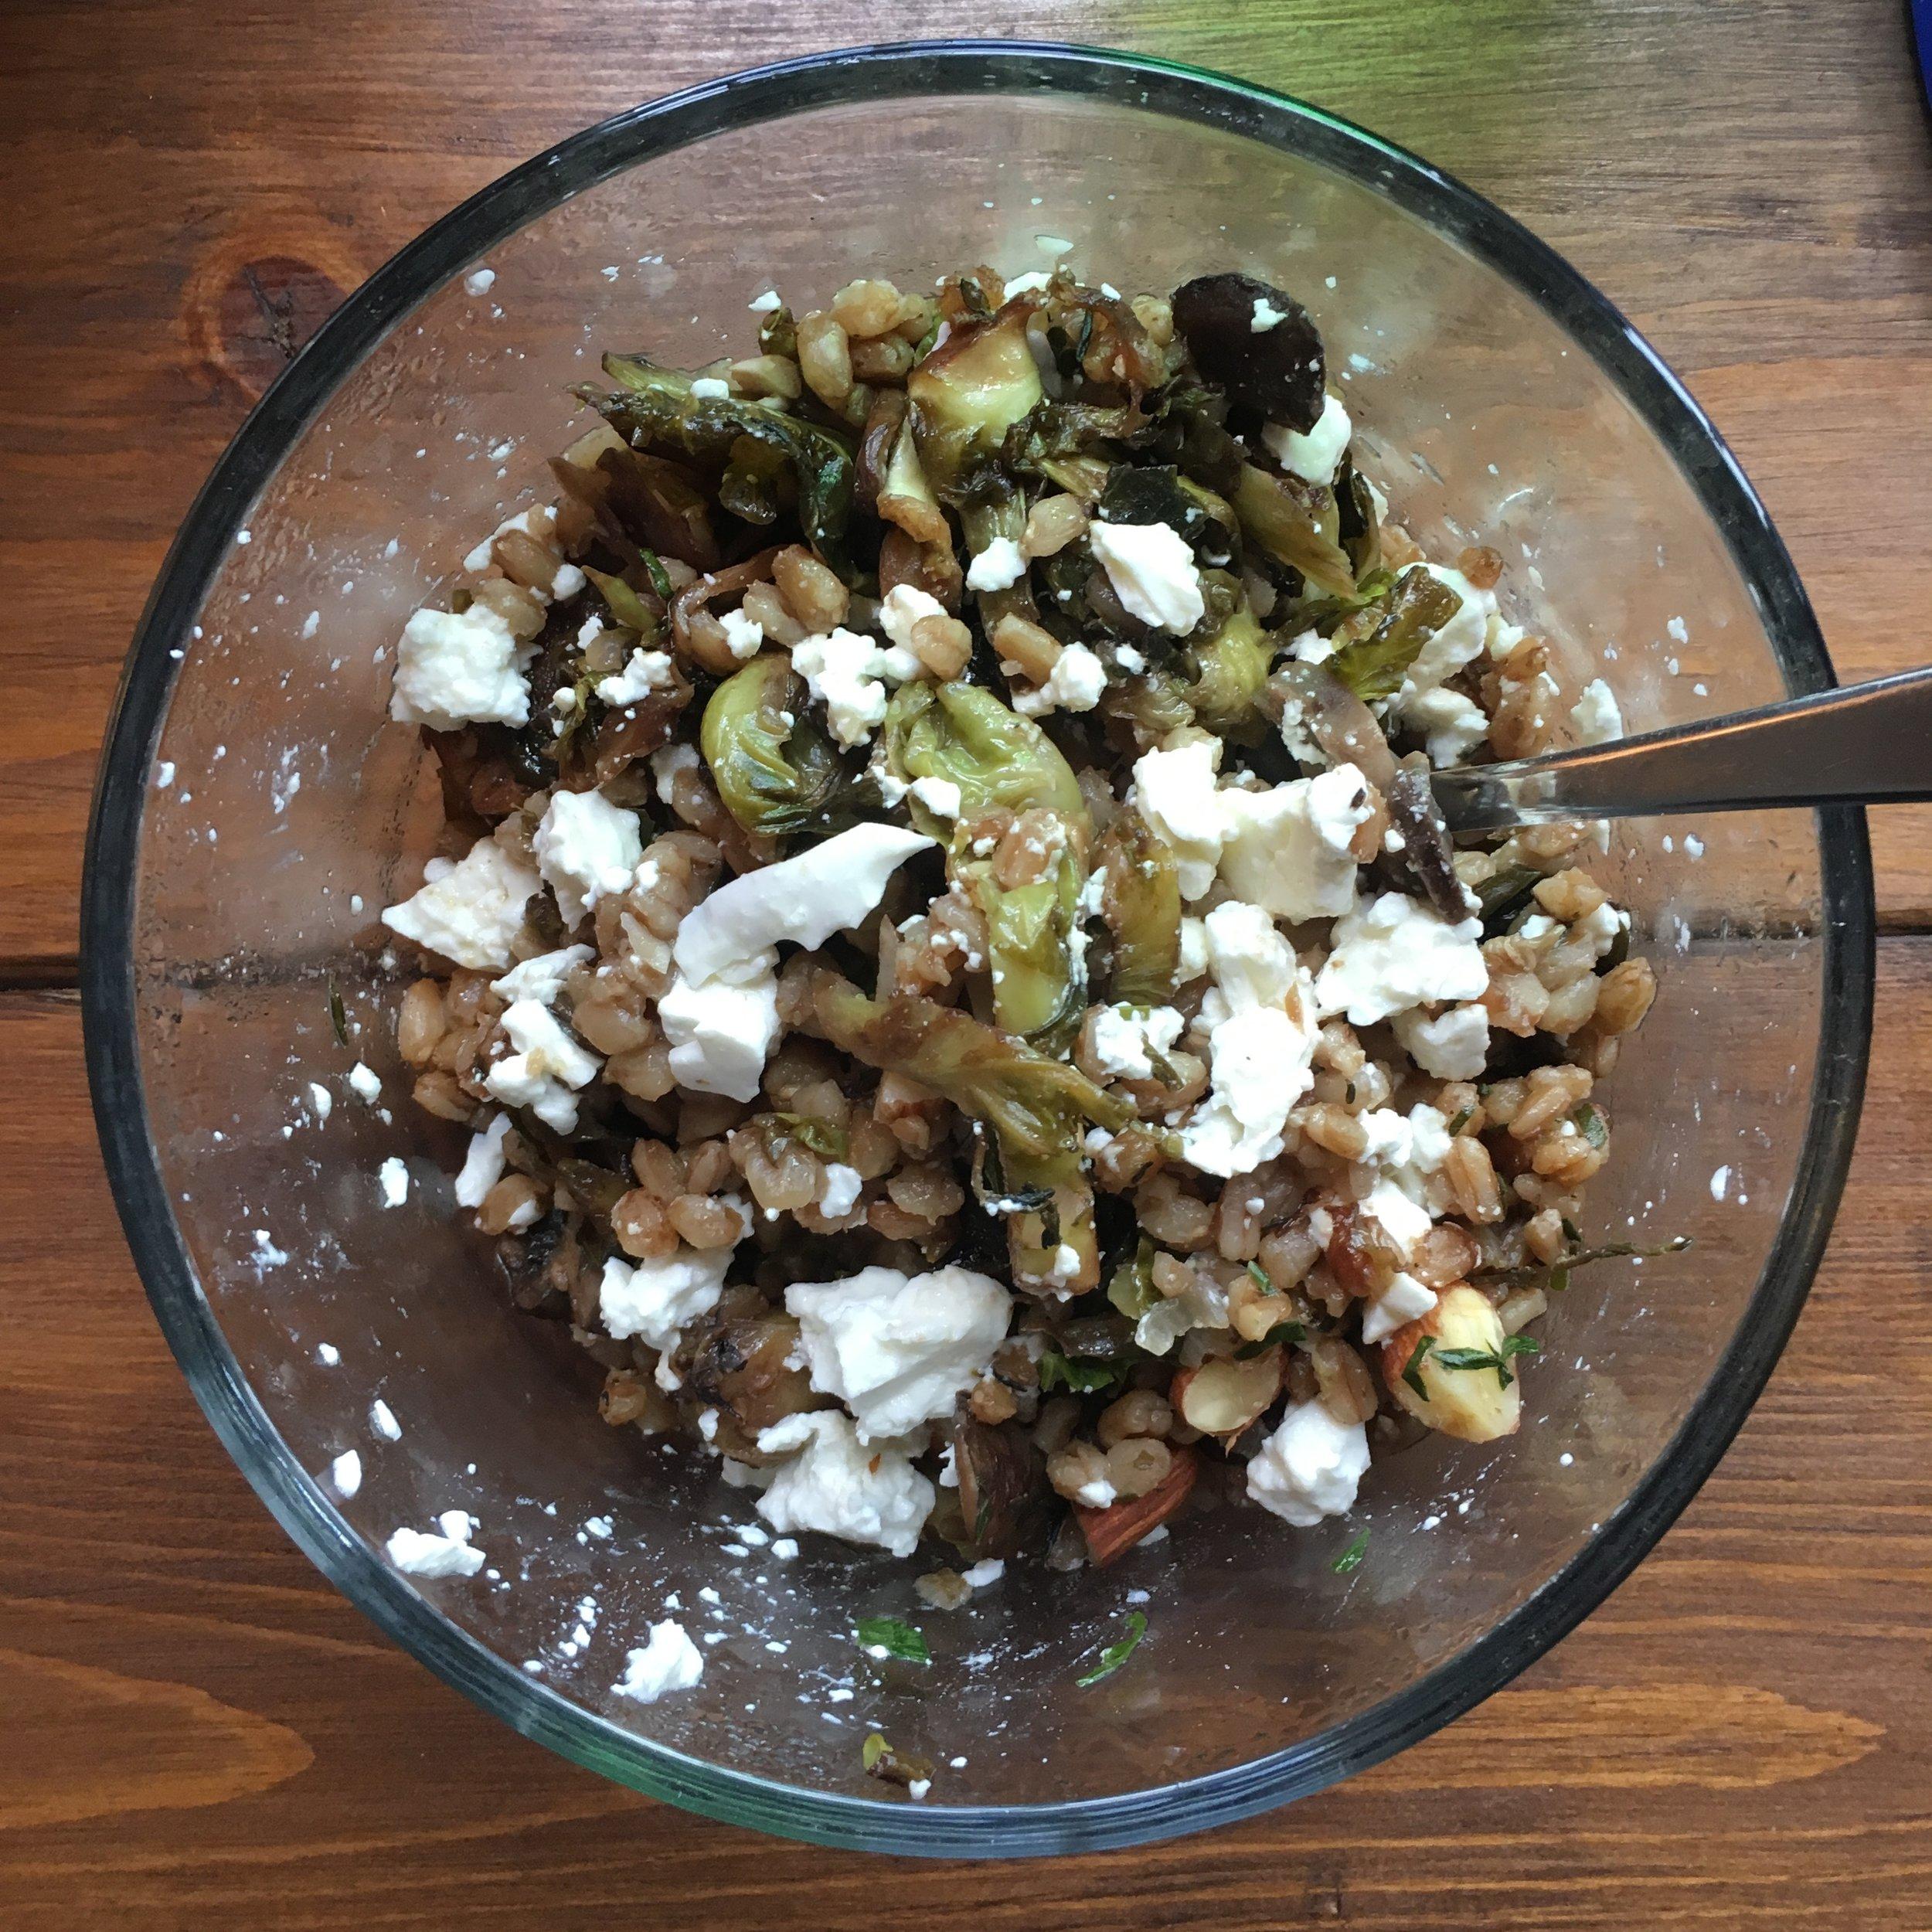 在几个月内,把洋葱和洋葱放在一起,把它放在一起,然后吃了点东西。